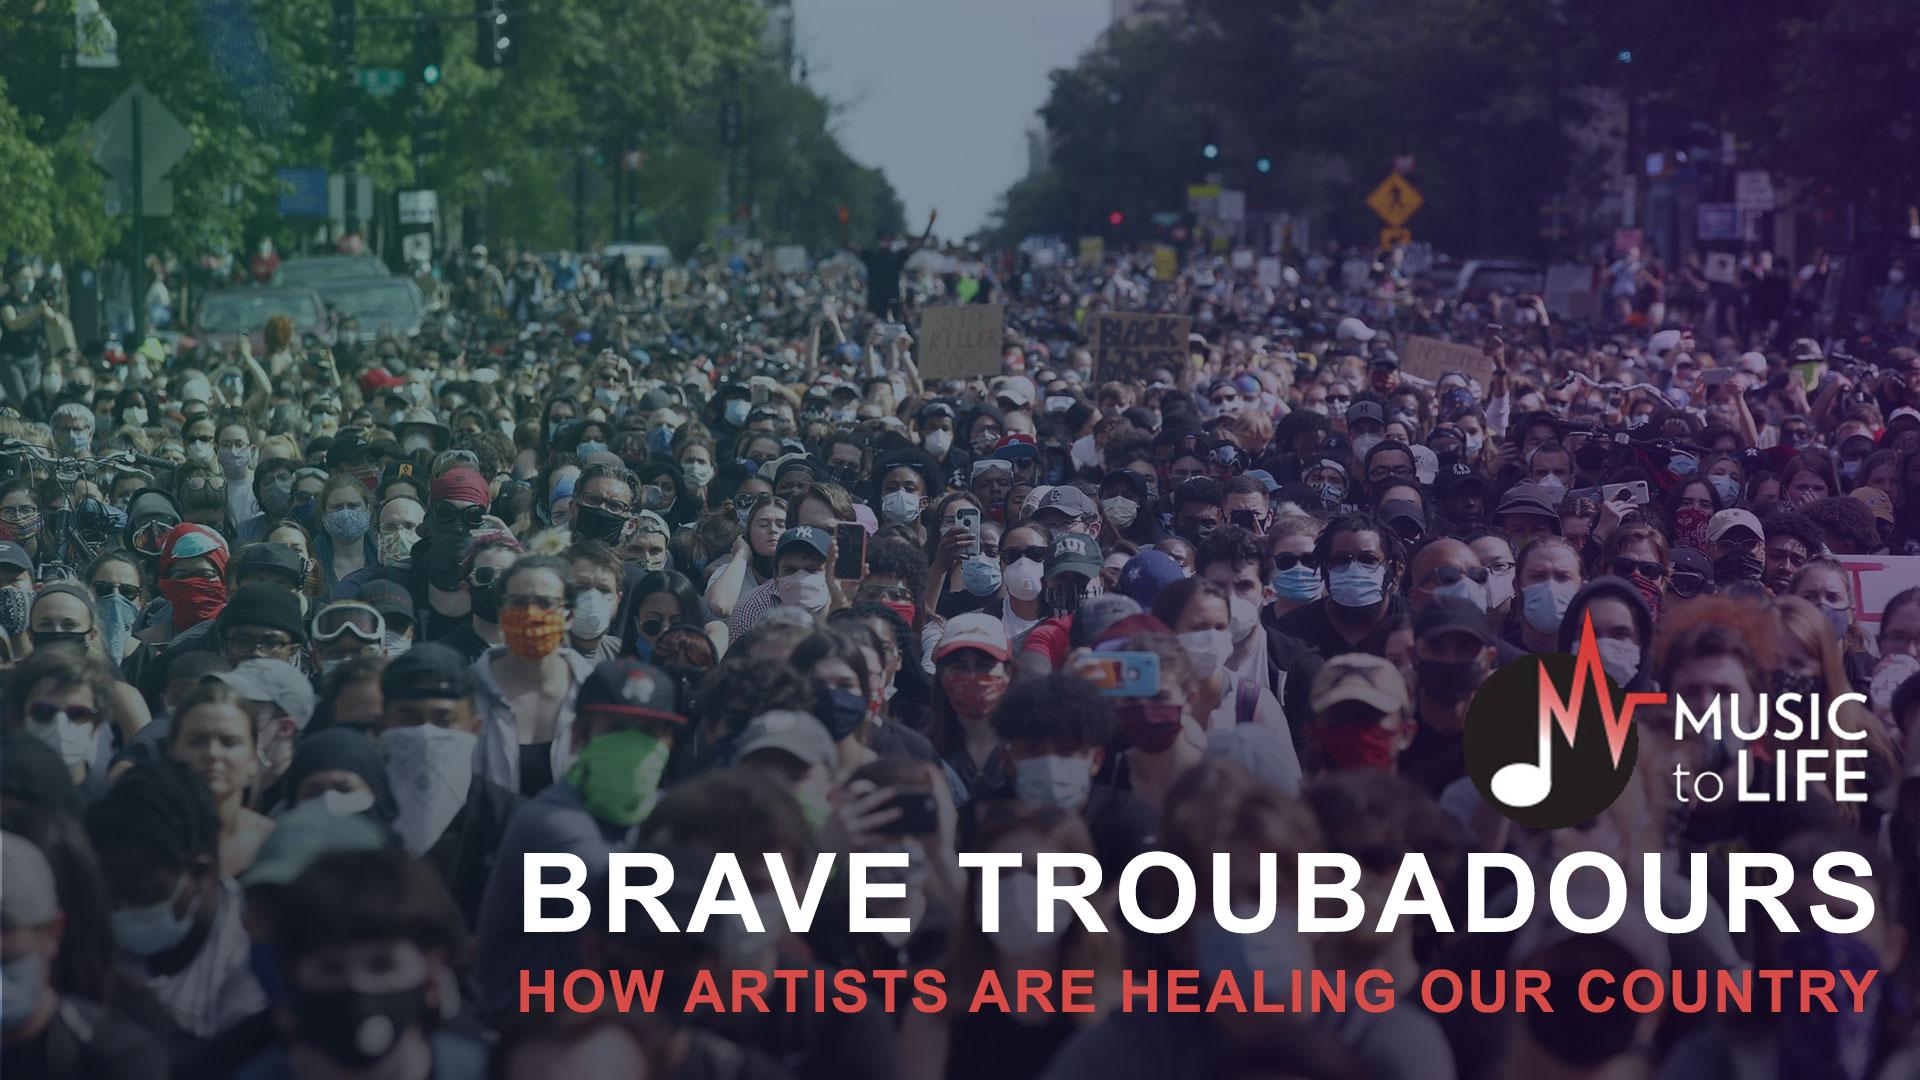 Brave Troubadours